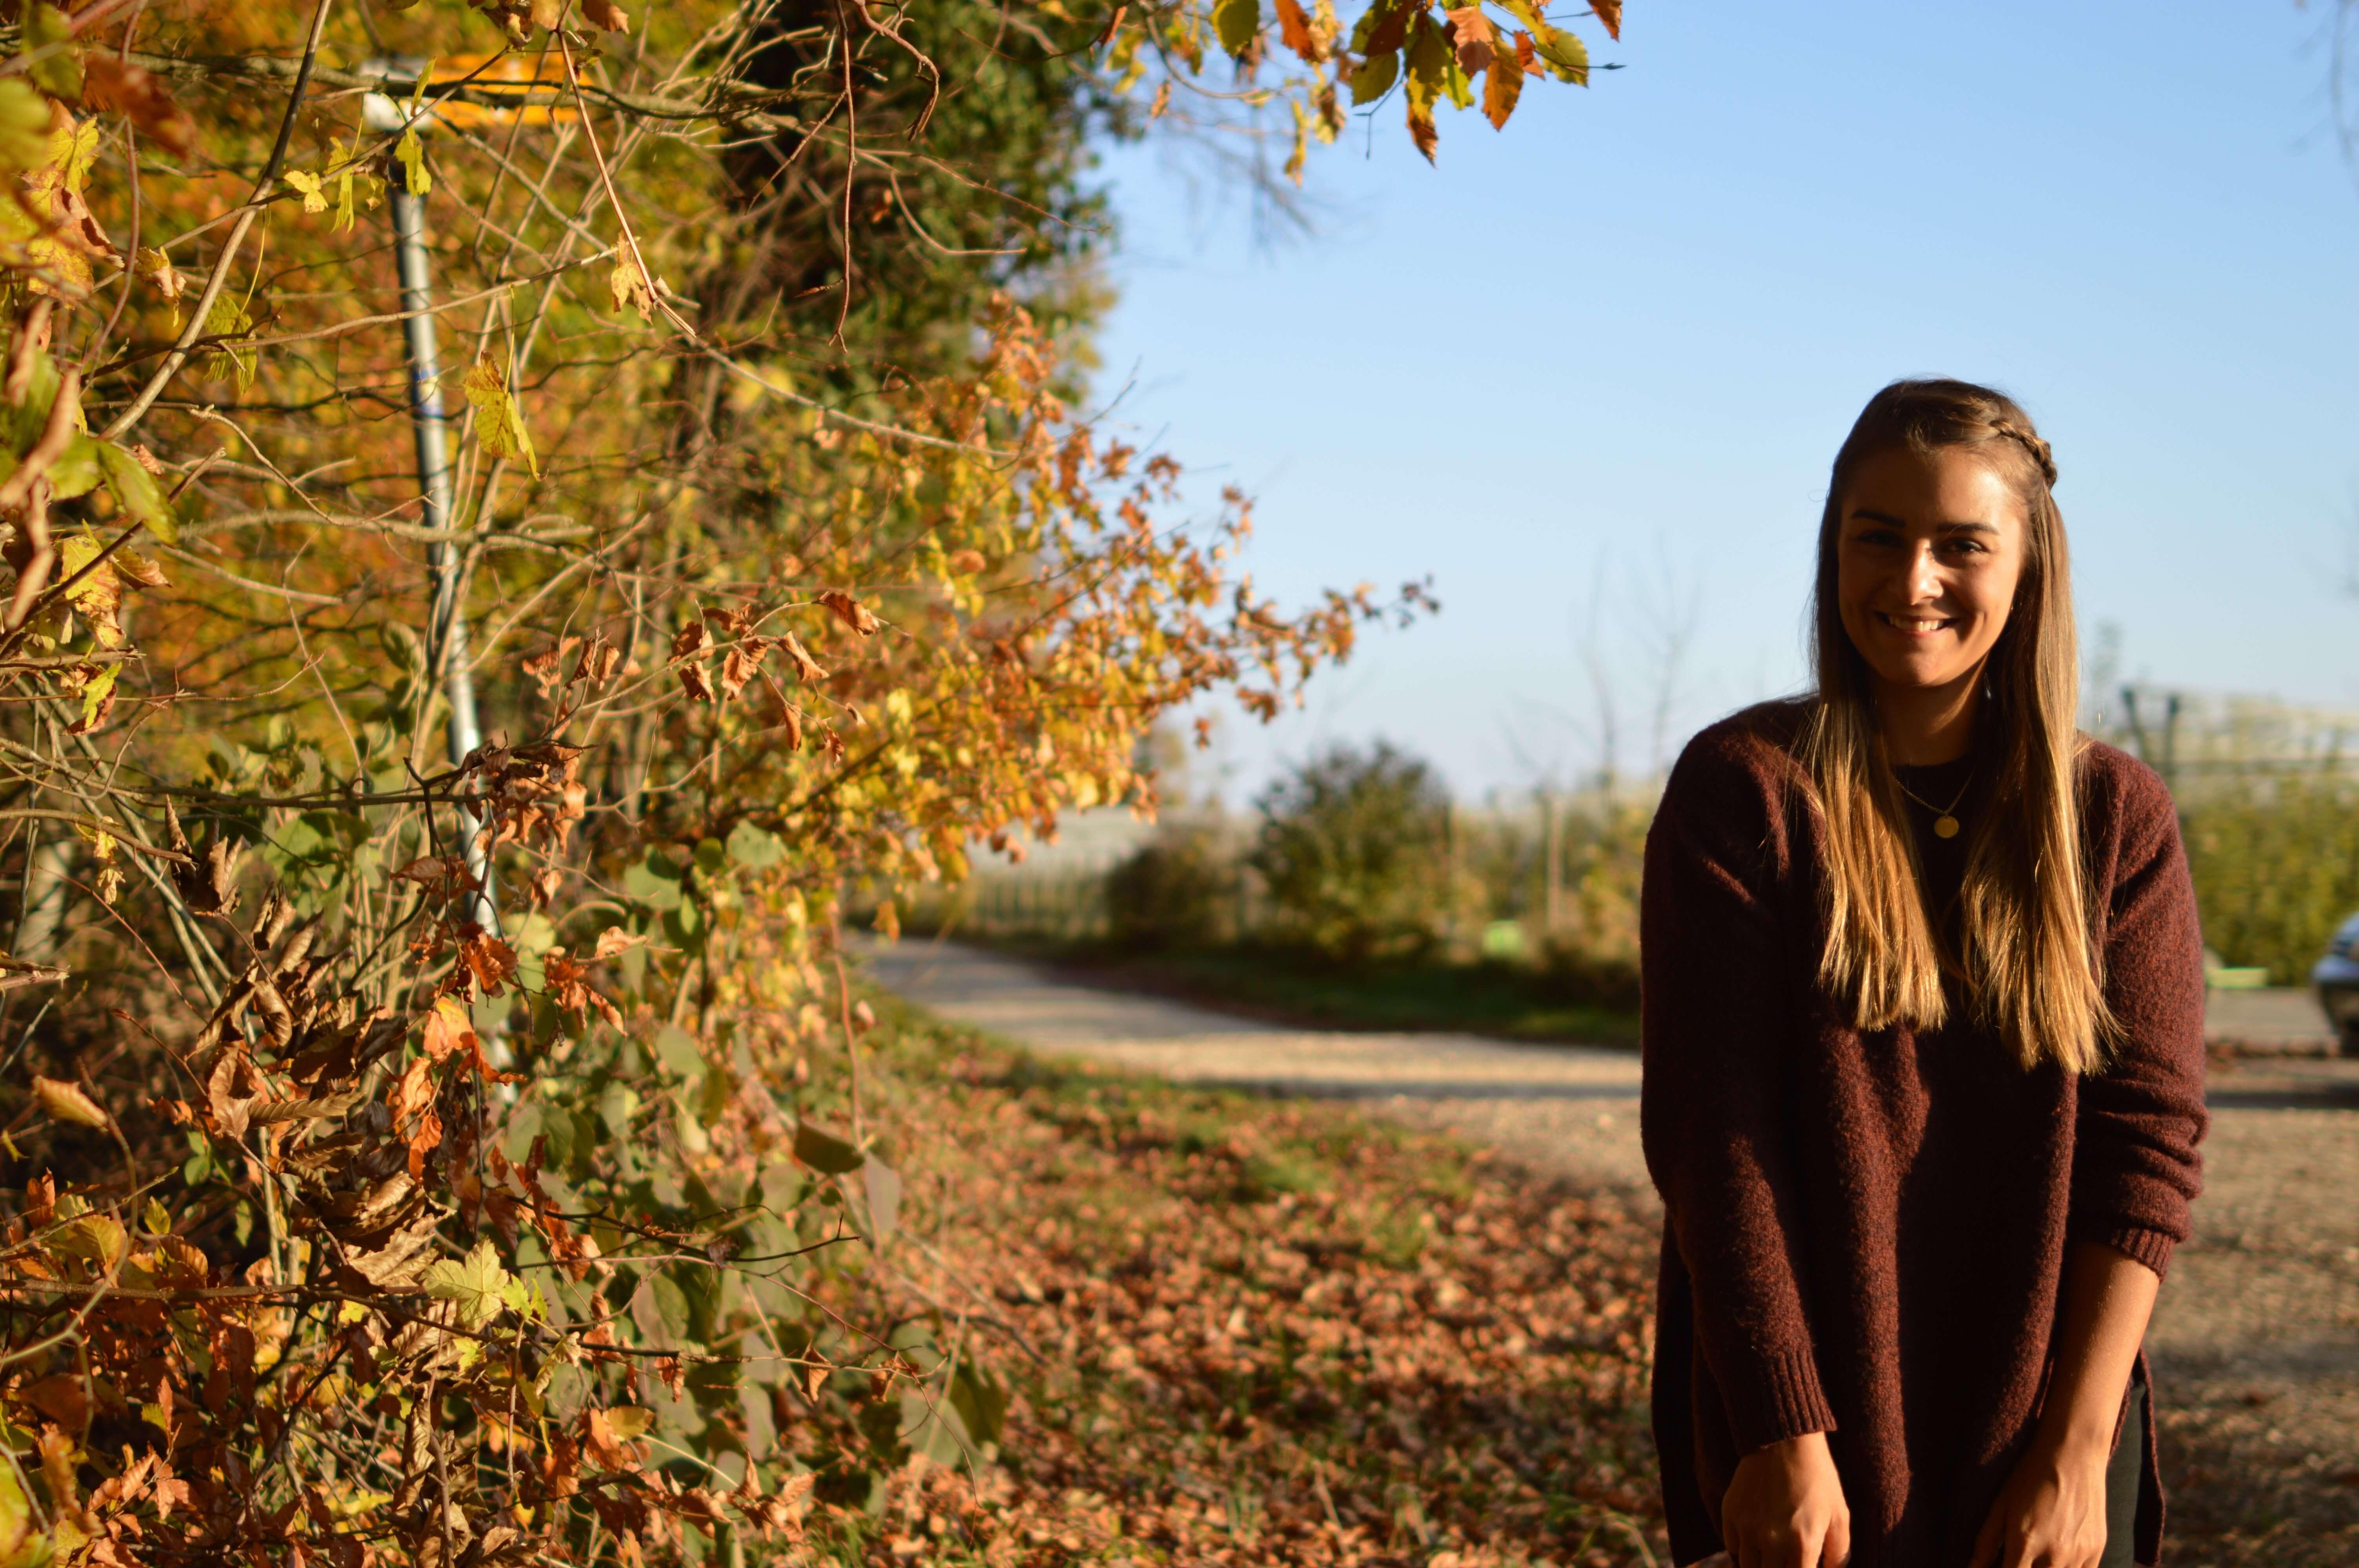 Herbst-bild-bodensee